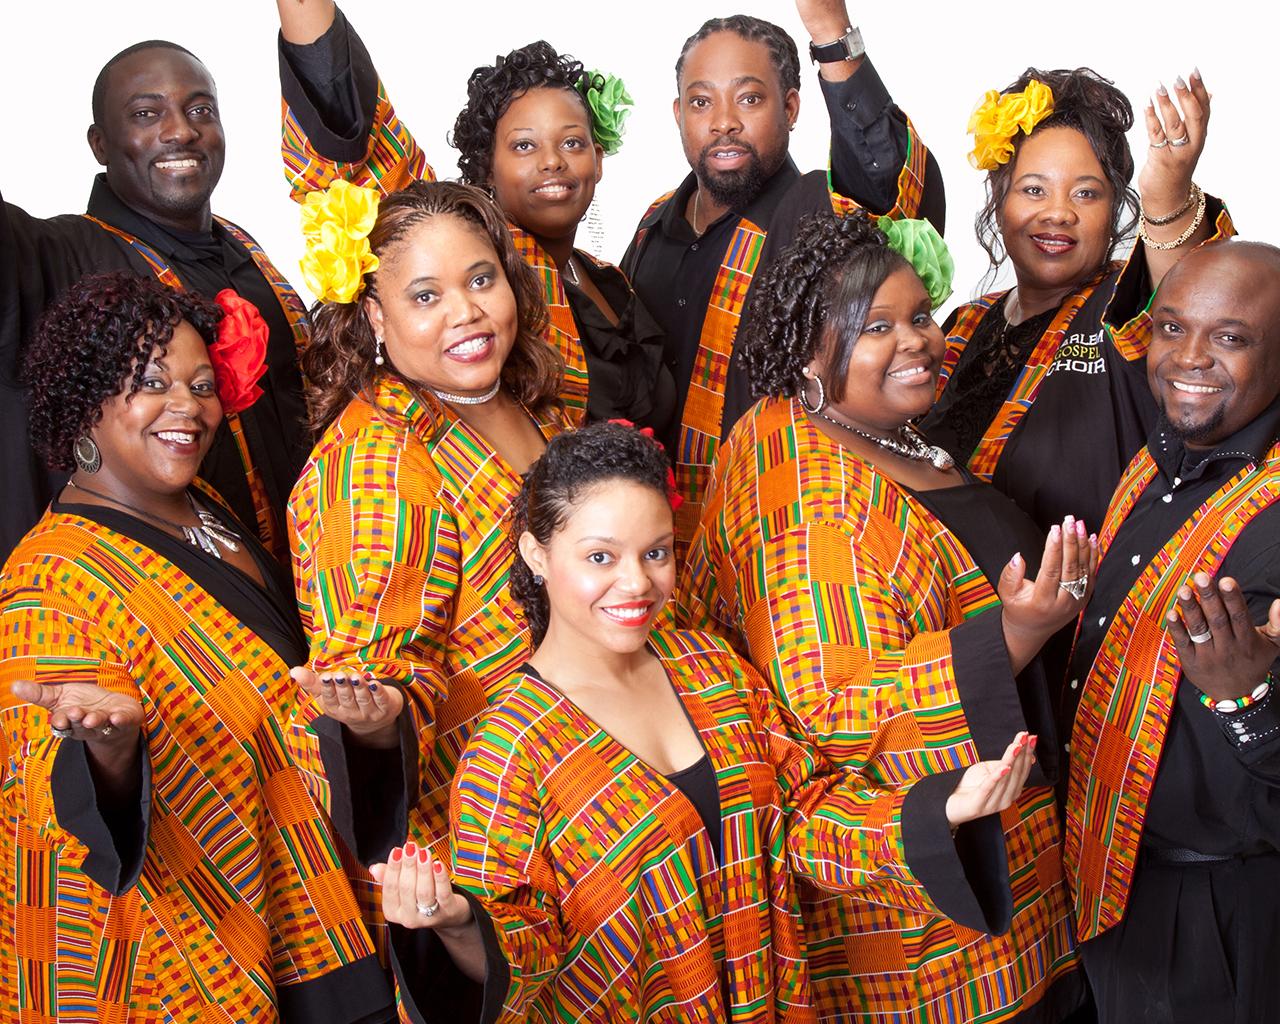 harlem-gospel-choir